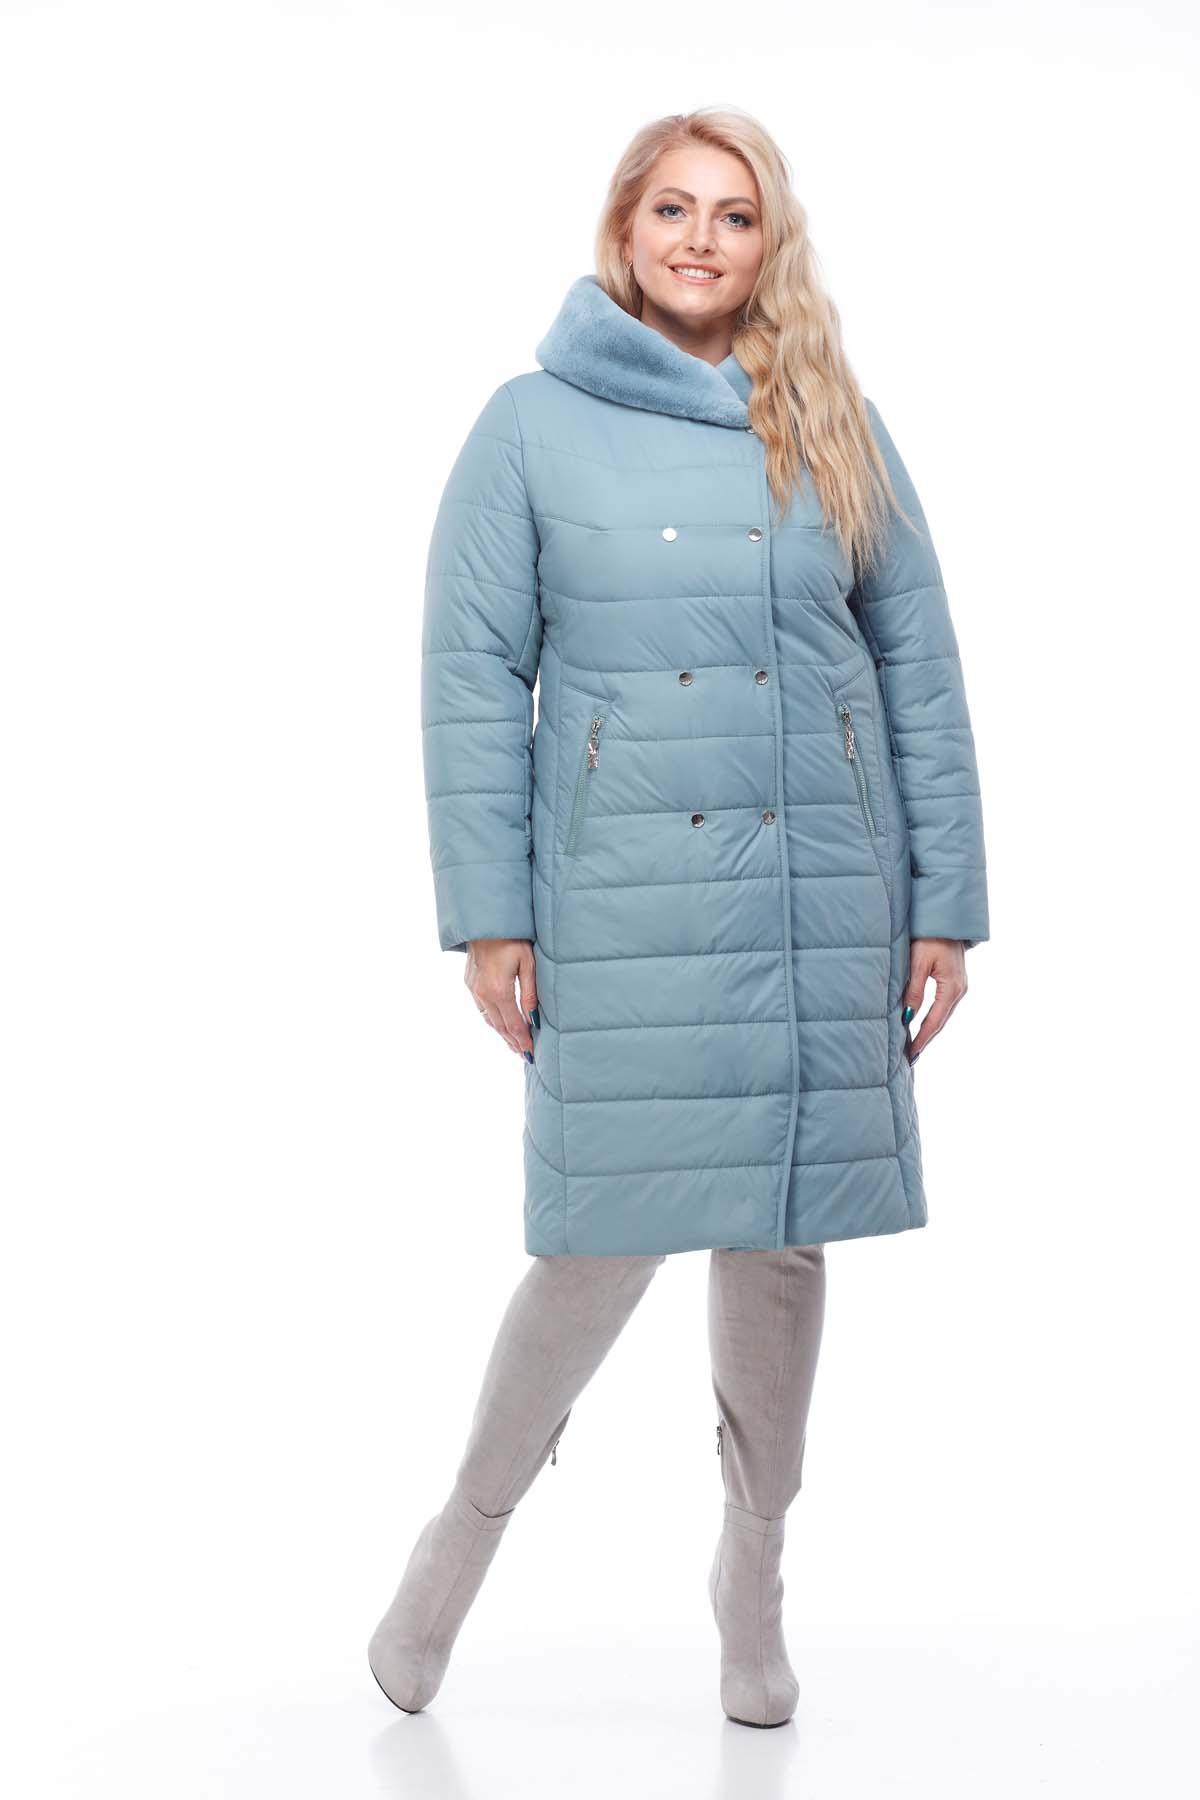 Зимове пальто стьогане Кім Зима, кролик аквамарин